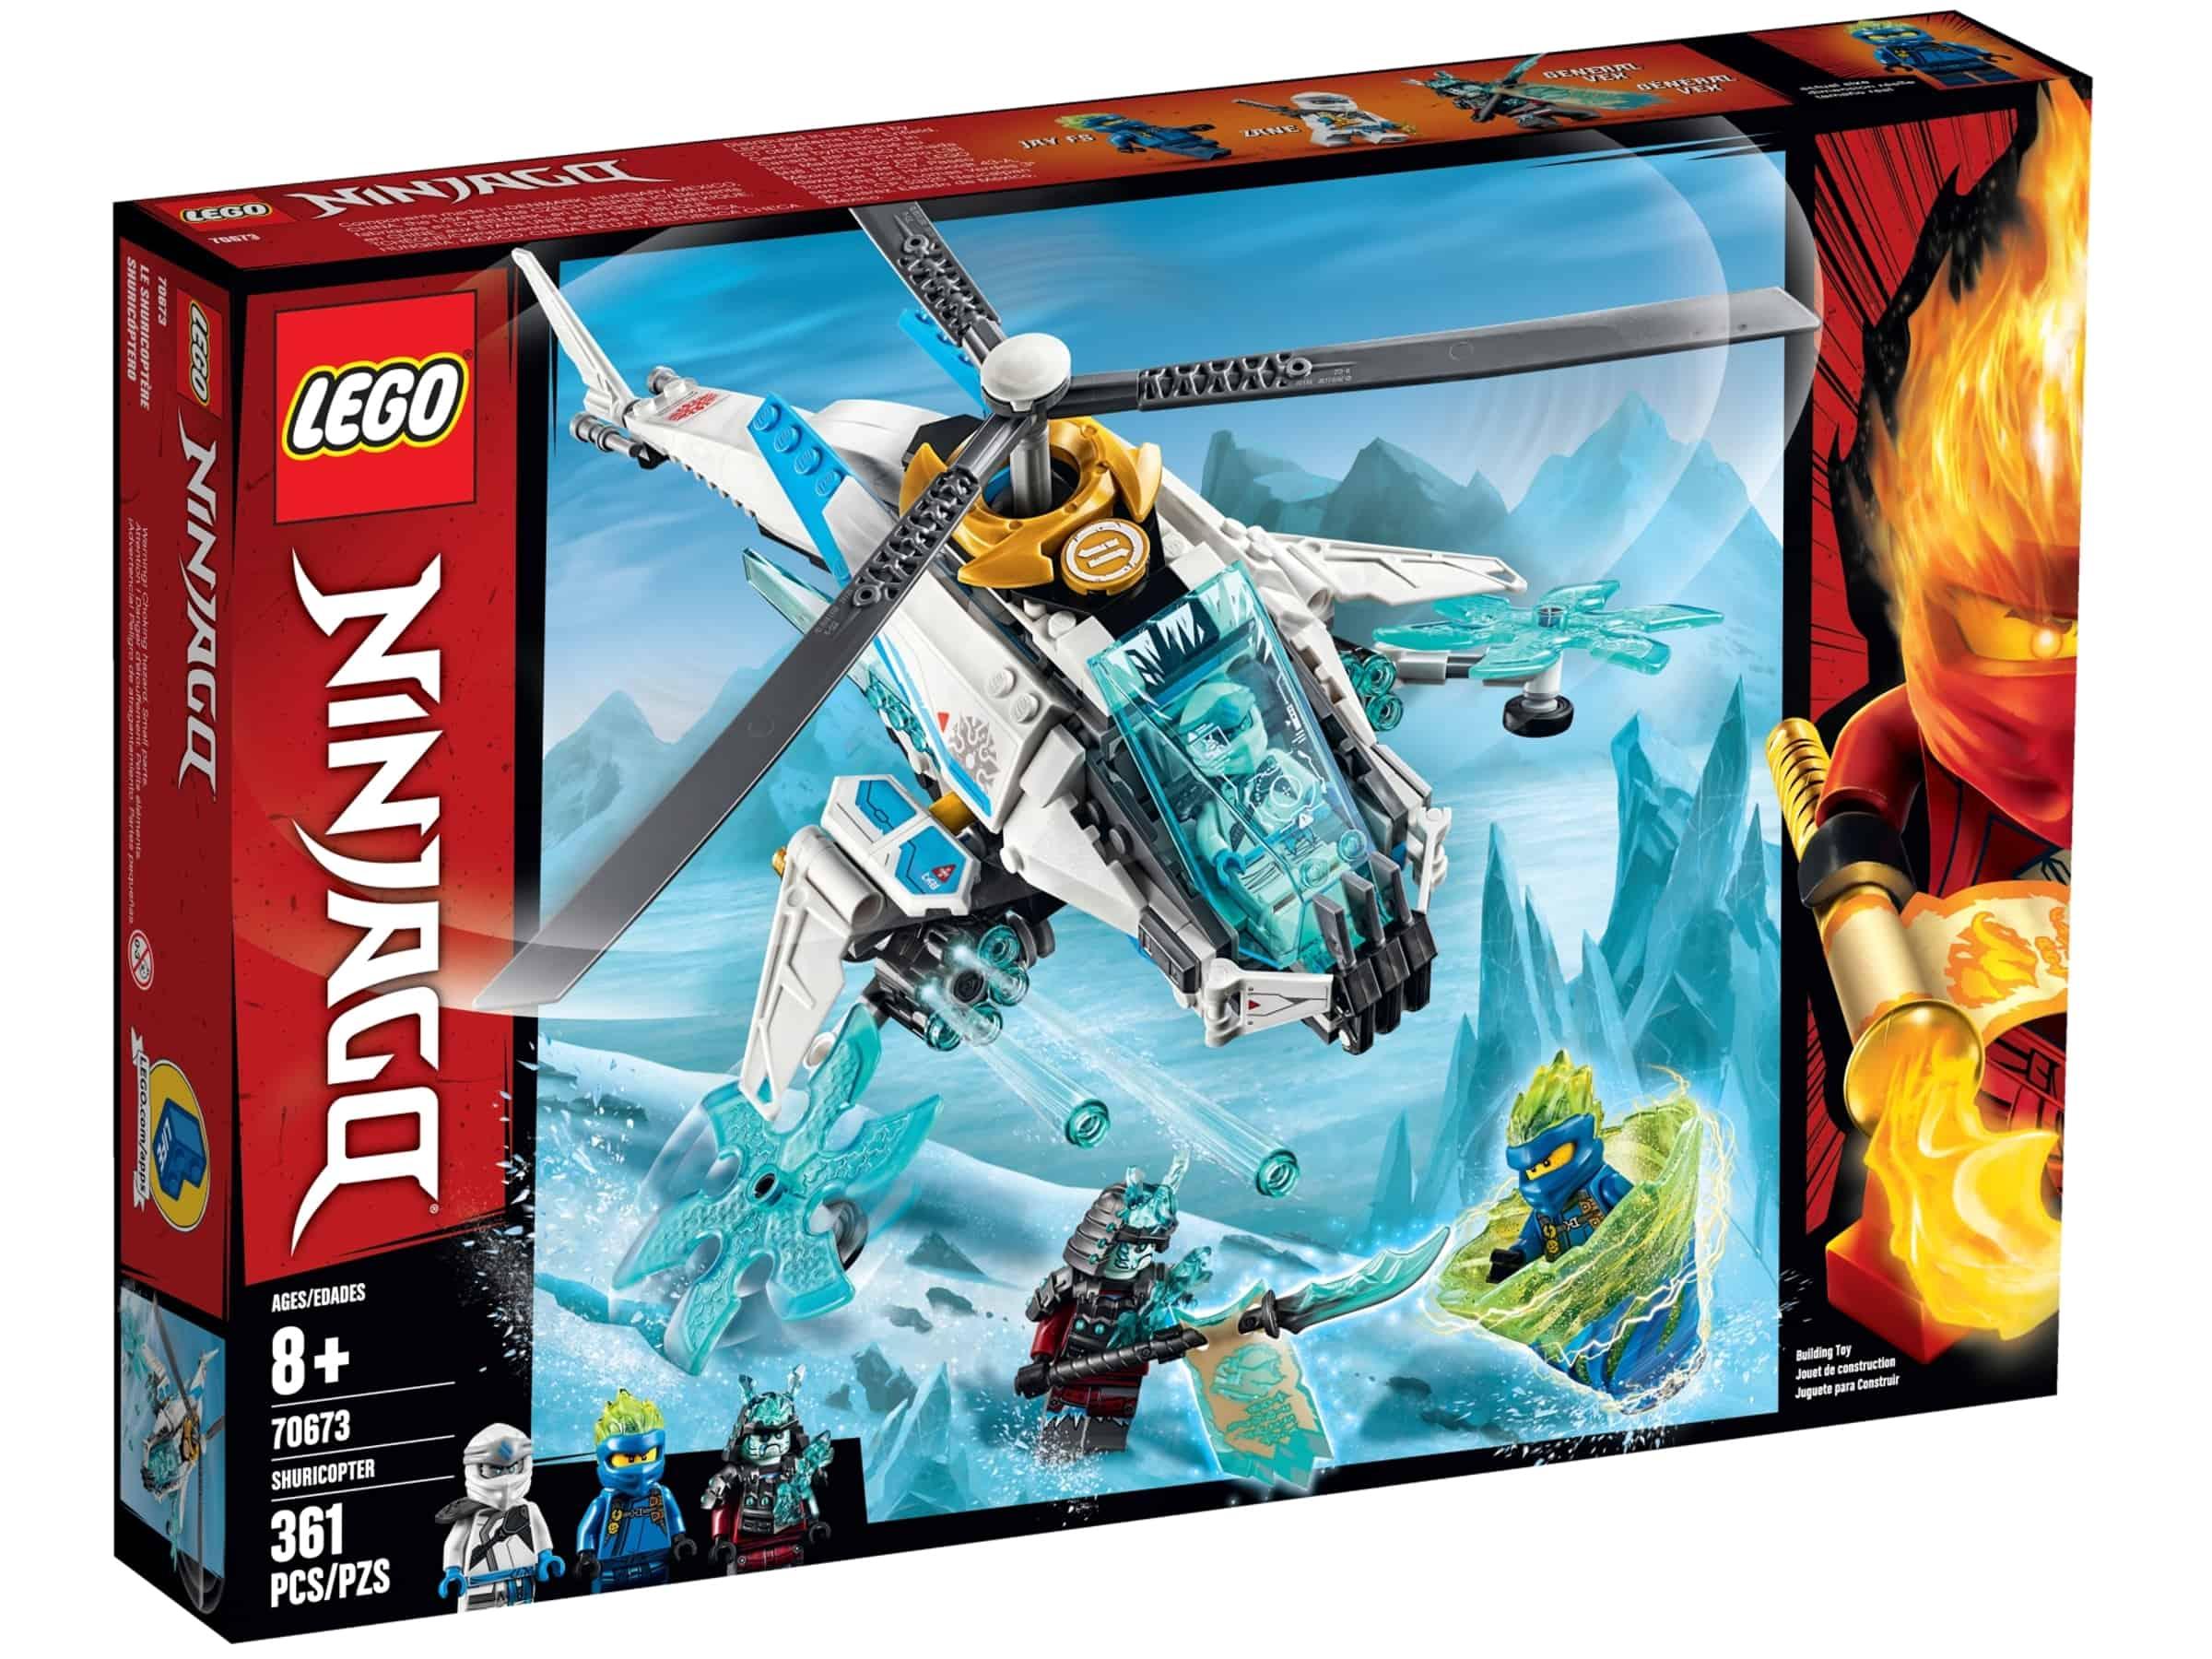 lego 70673 shurikopter